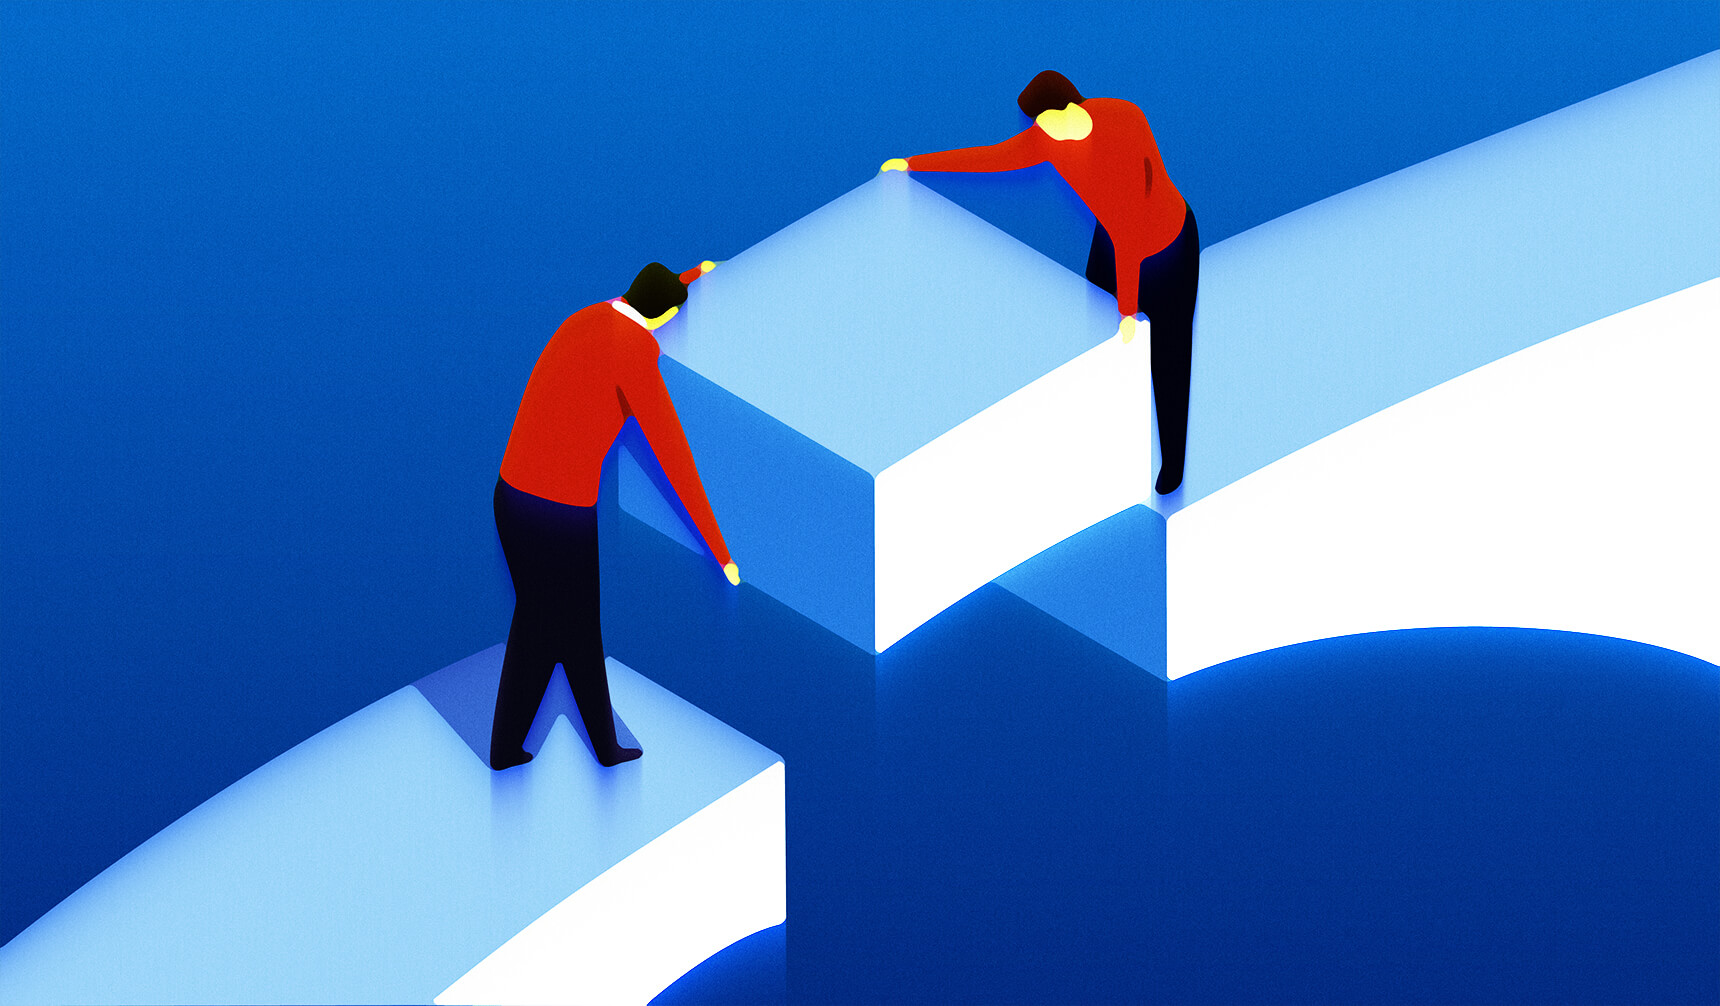 Шесть барьеров на пути эффективной работы креативных команд